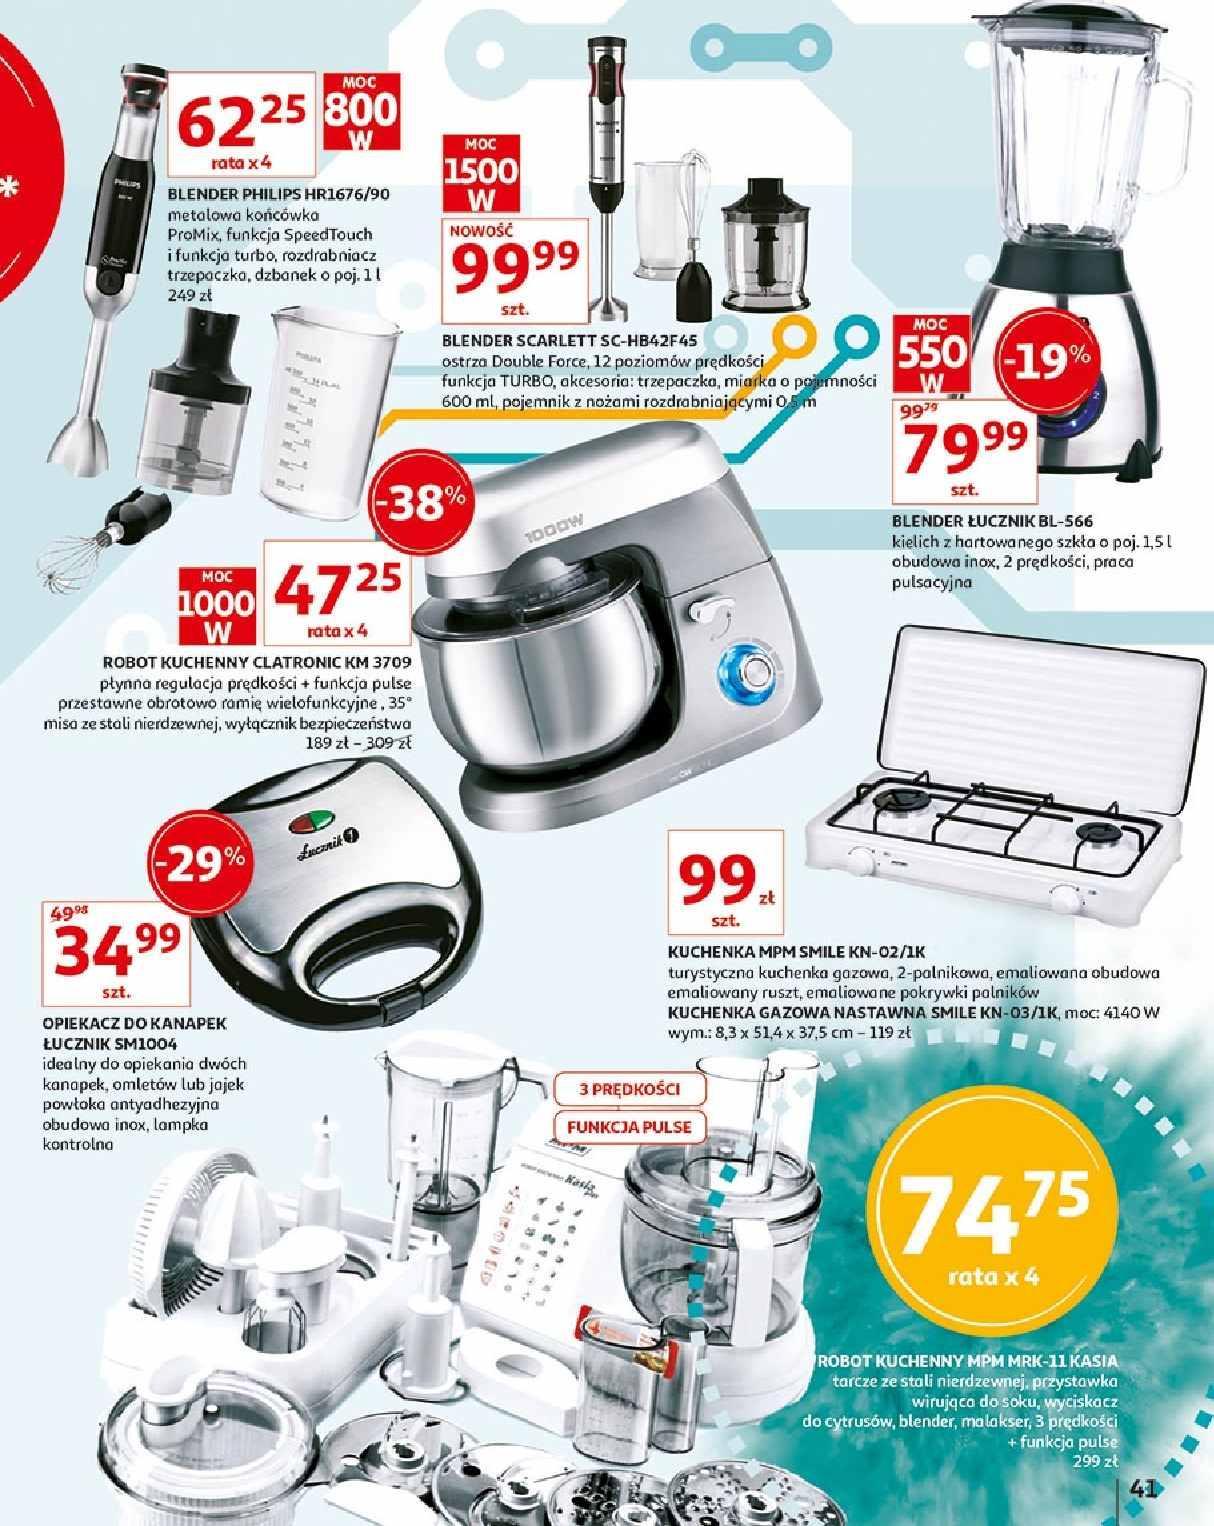 Gazetka promocyjna Auchan do 15/05/2019 str.41